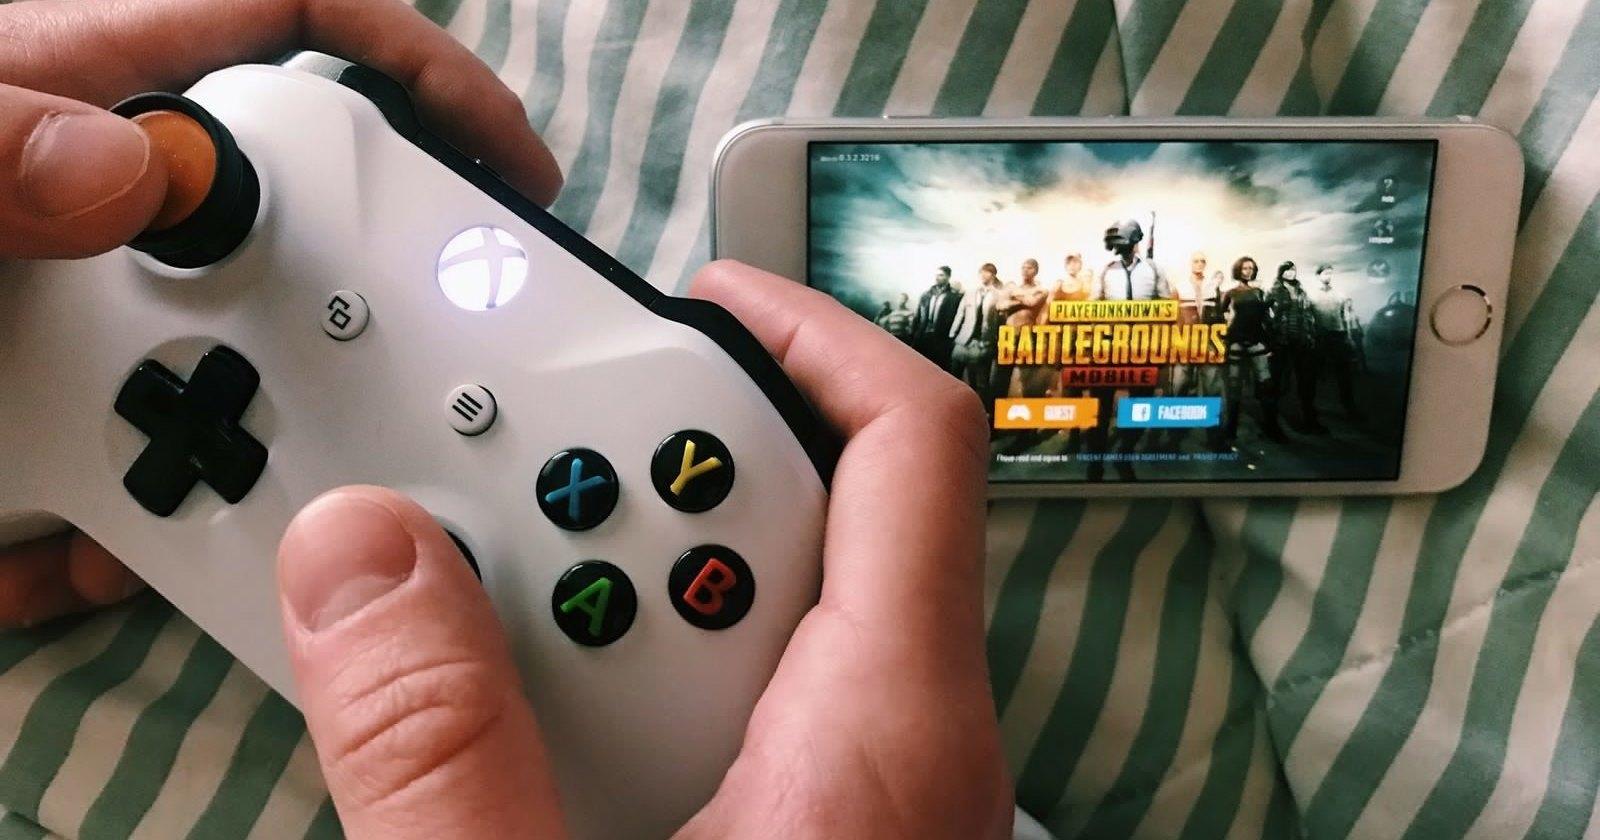 Названы самые прибыльные видеоигры по итогам 2019 года